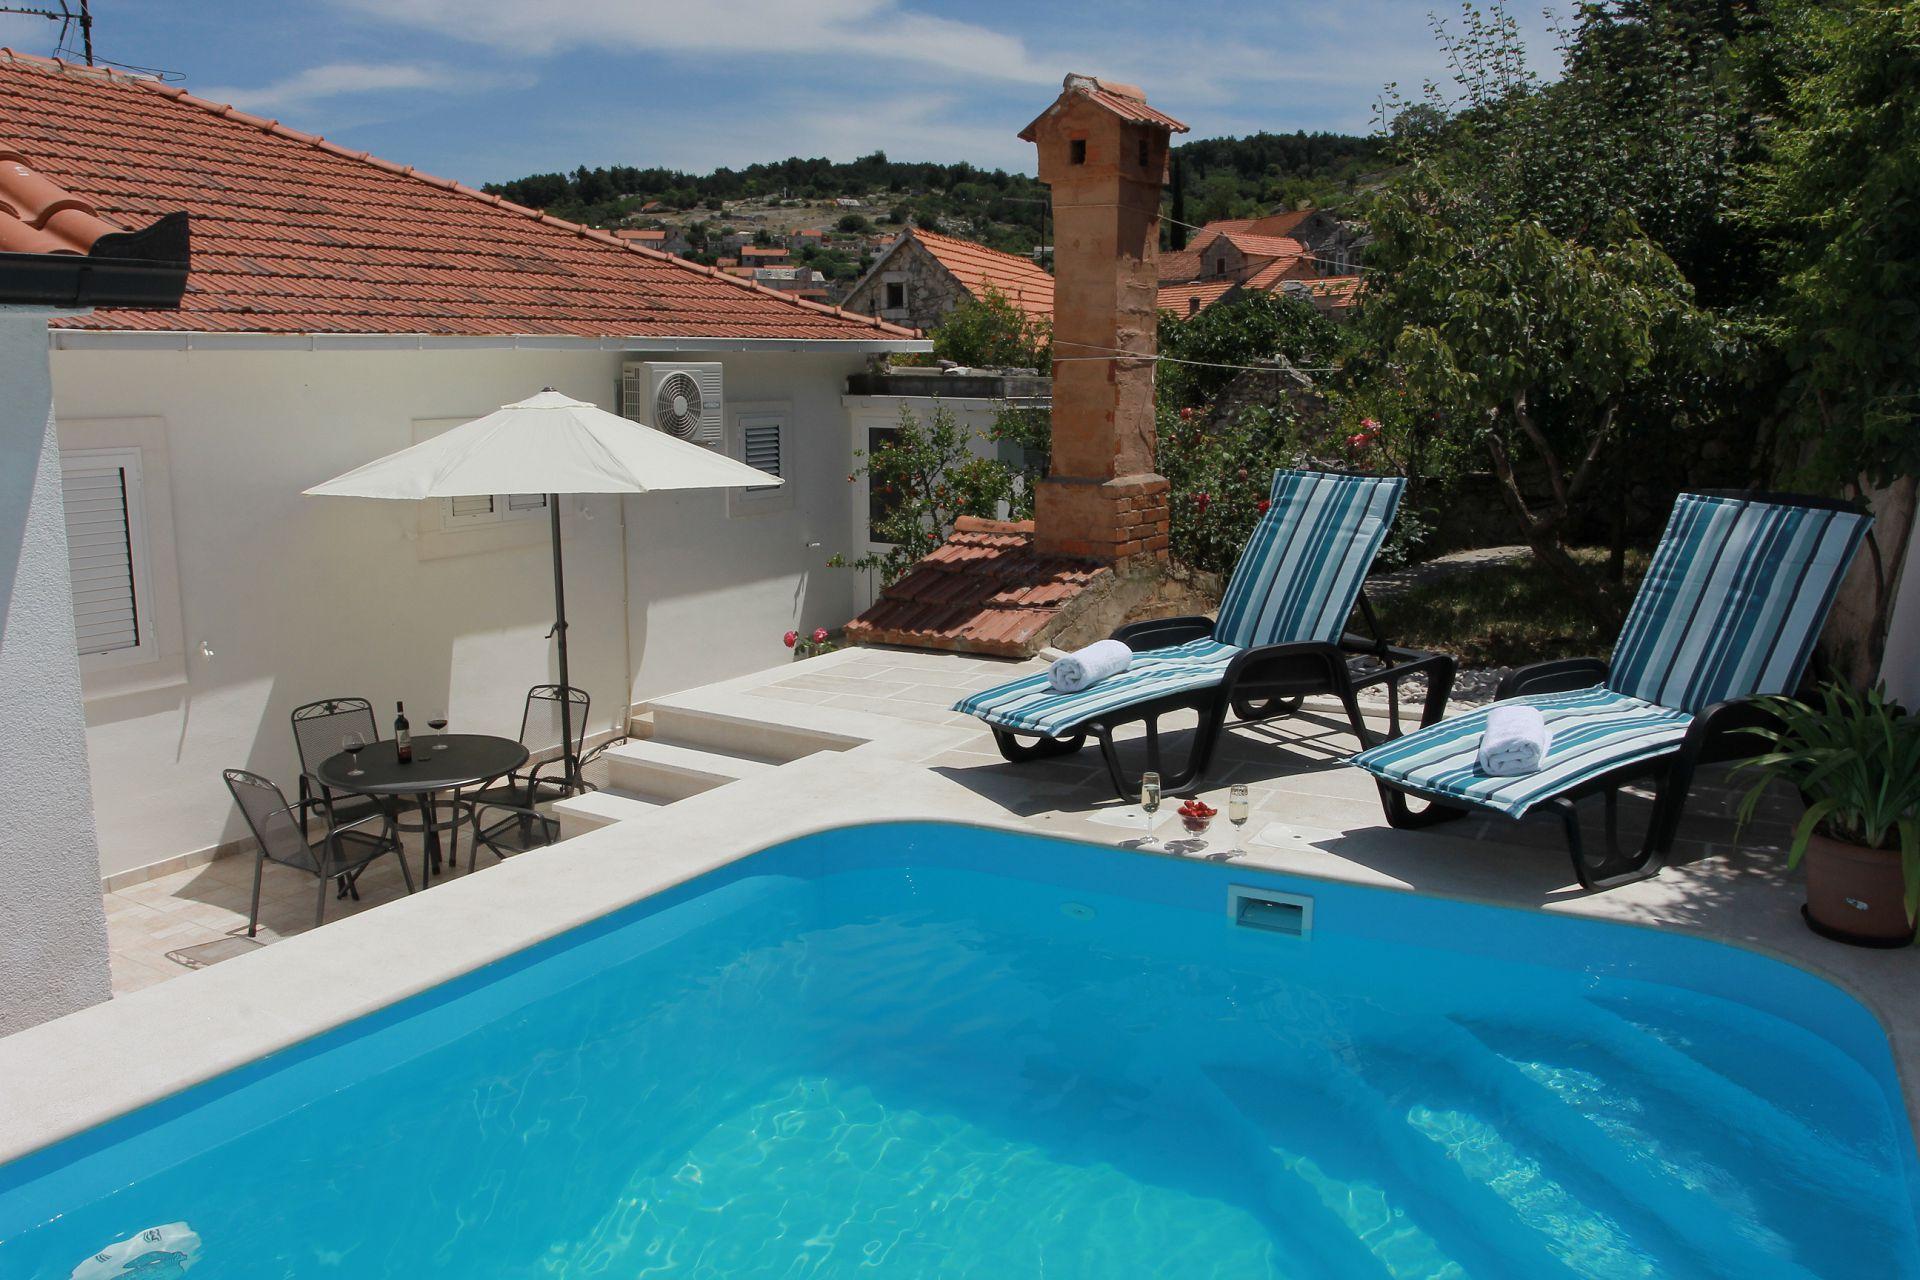 8217 - Nerezisca - Maisons de repos, villas Croatie